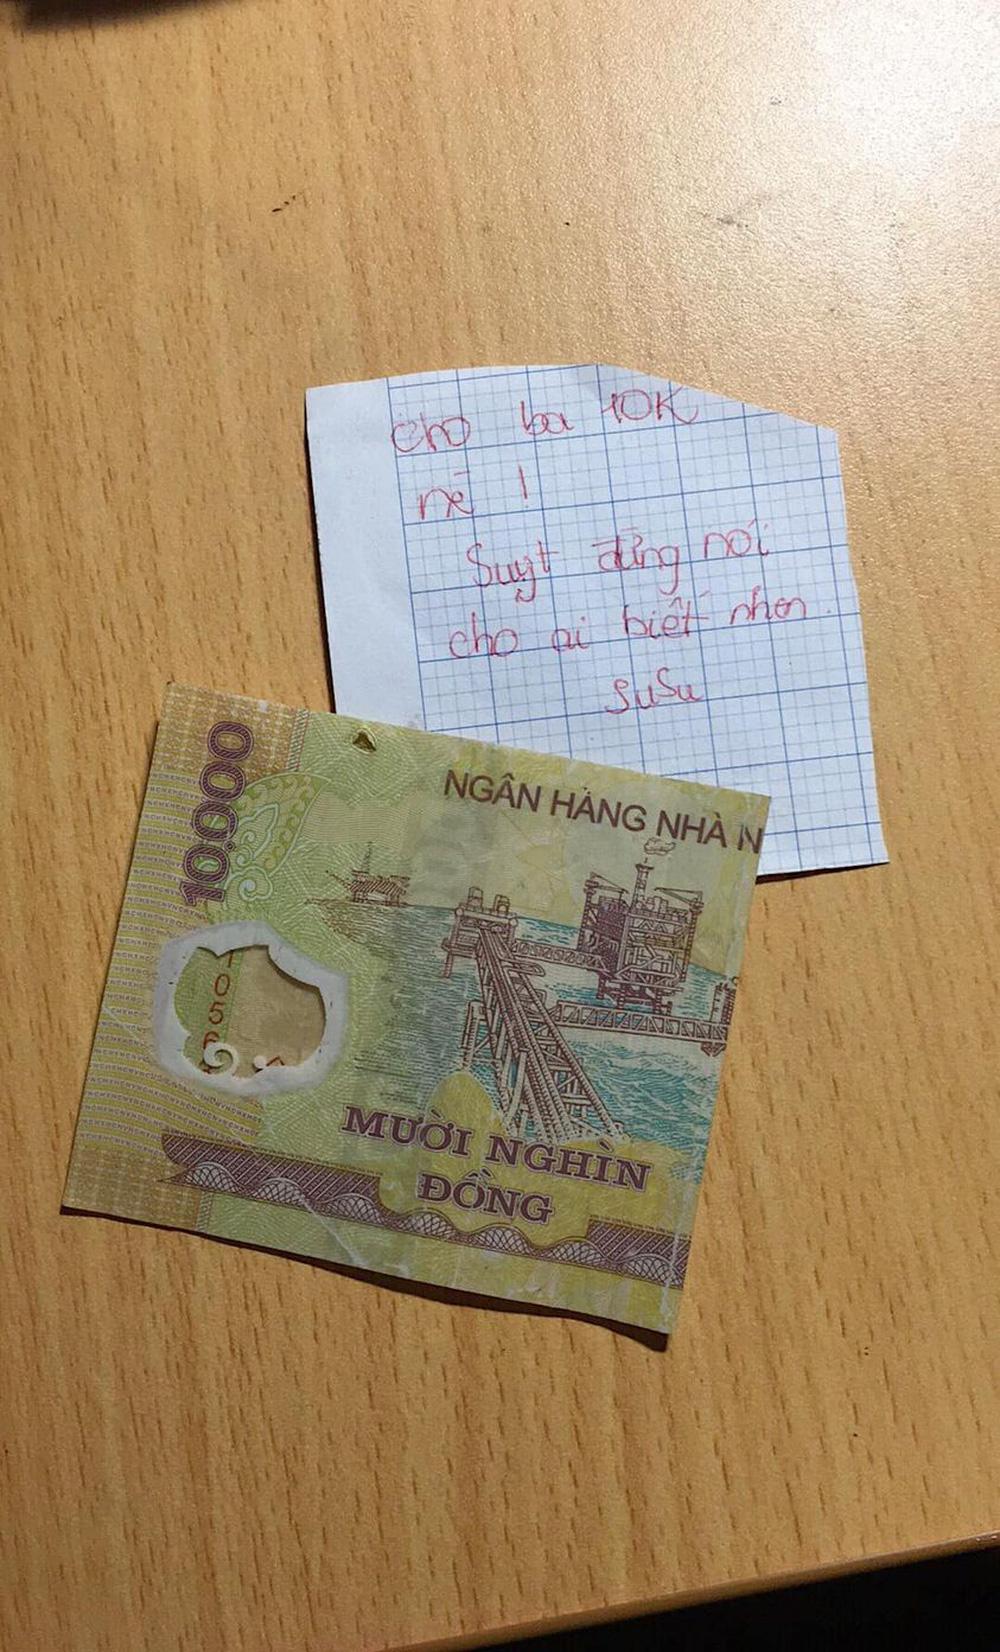 Tờ 10 nghìn đồng và mảnh giấy ghi chú của cô bé cấp 1 khiến cả gia đình phải bất ngờ, rưng rưng nước mắt - Ảnh 1.